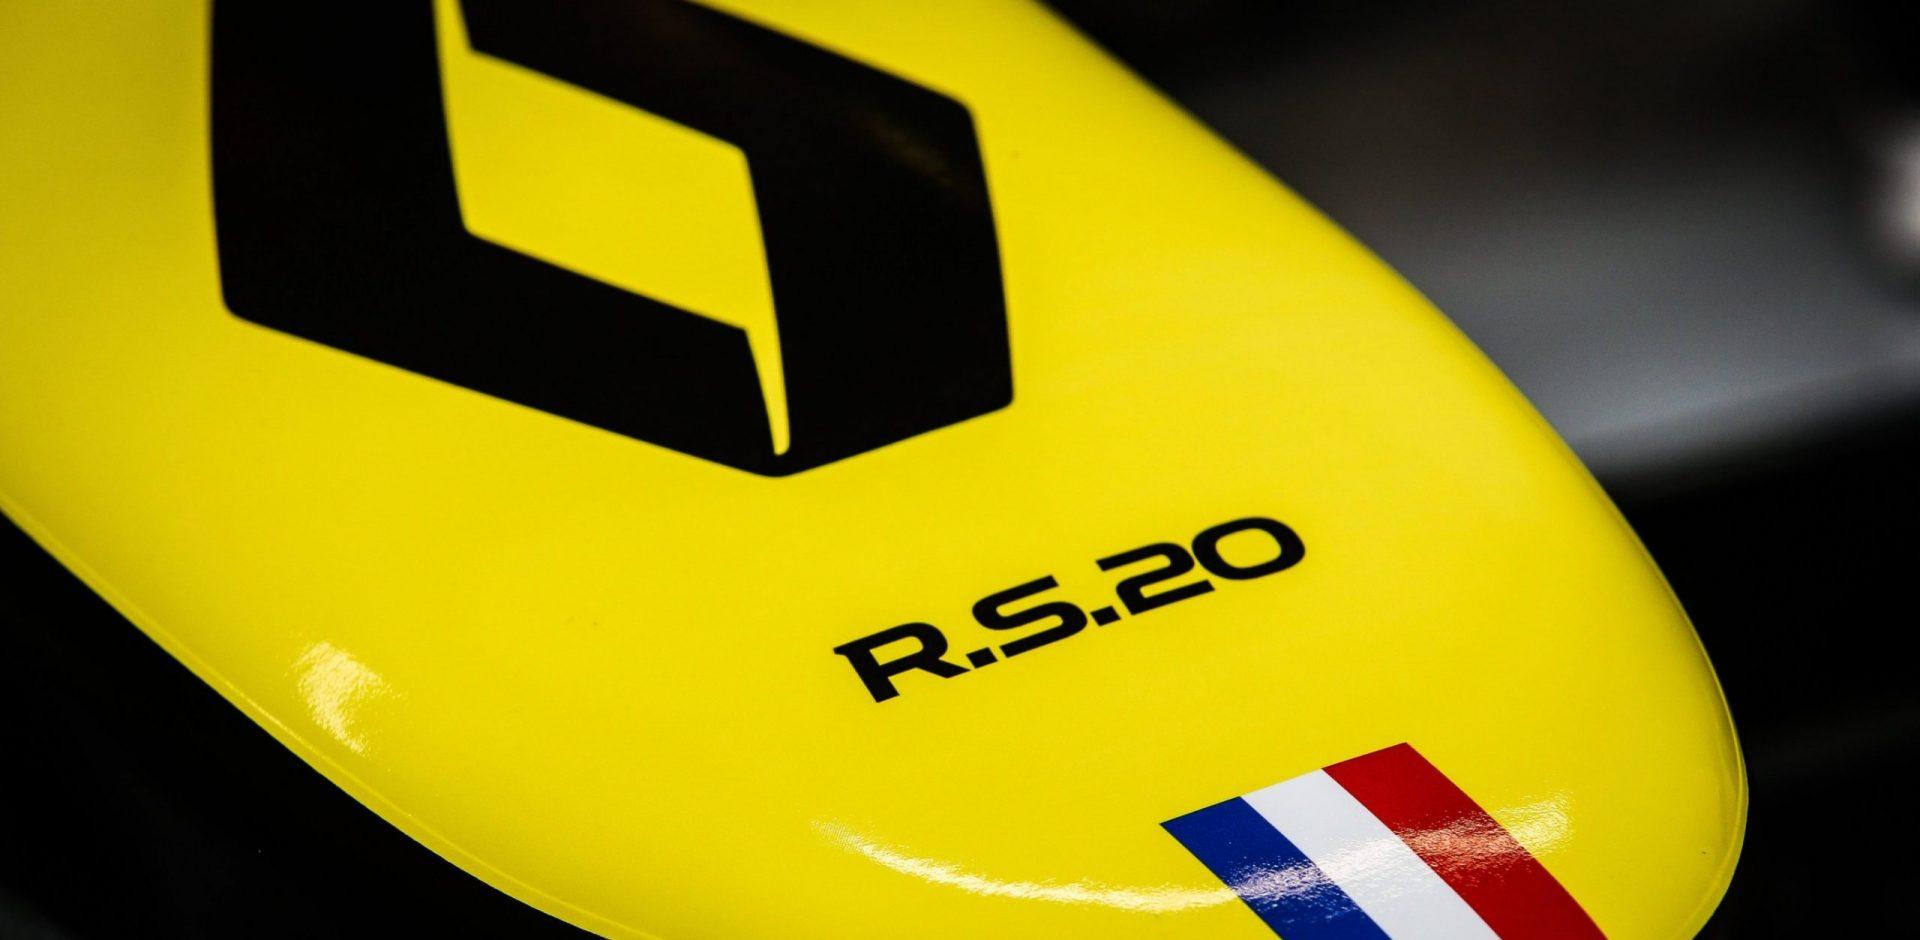 Renault RS20 logo